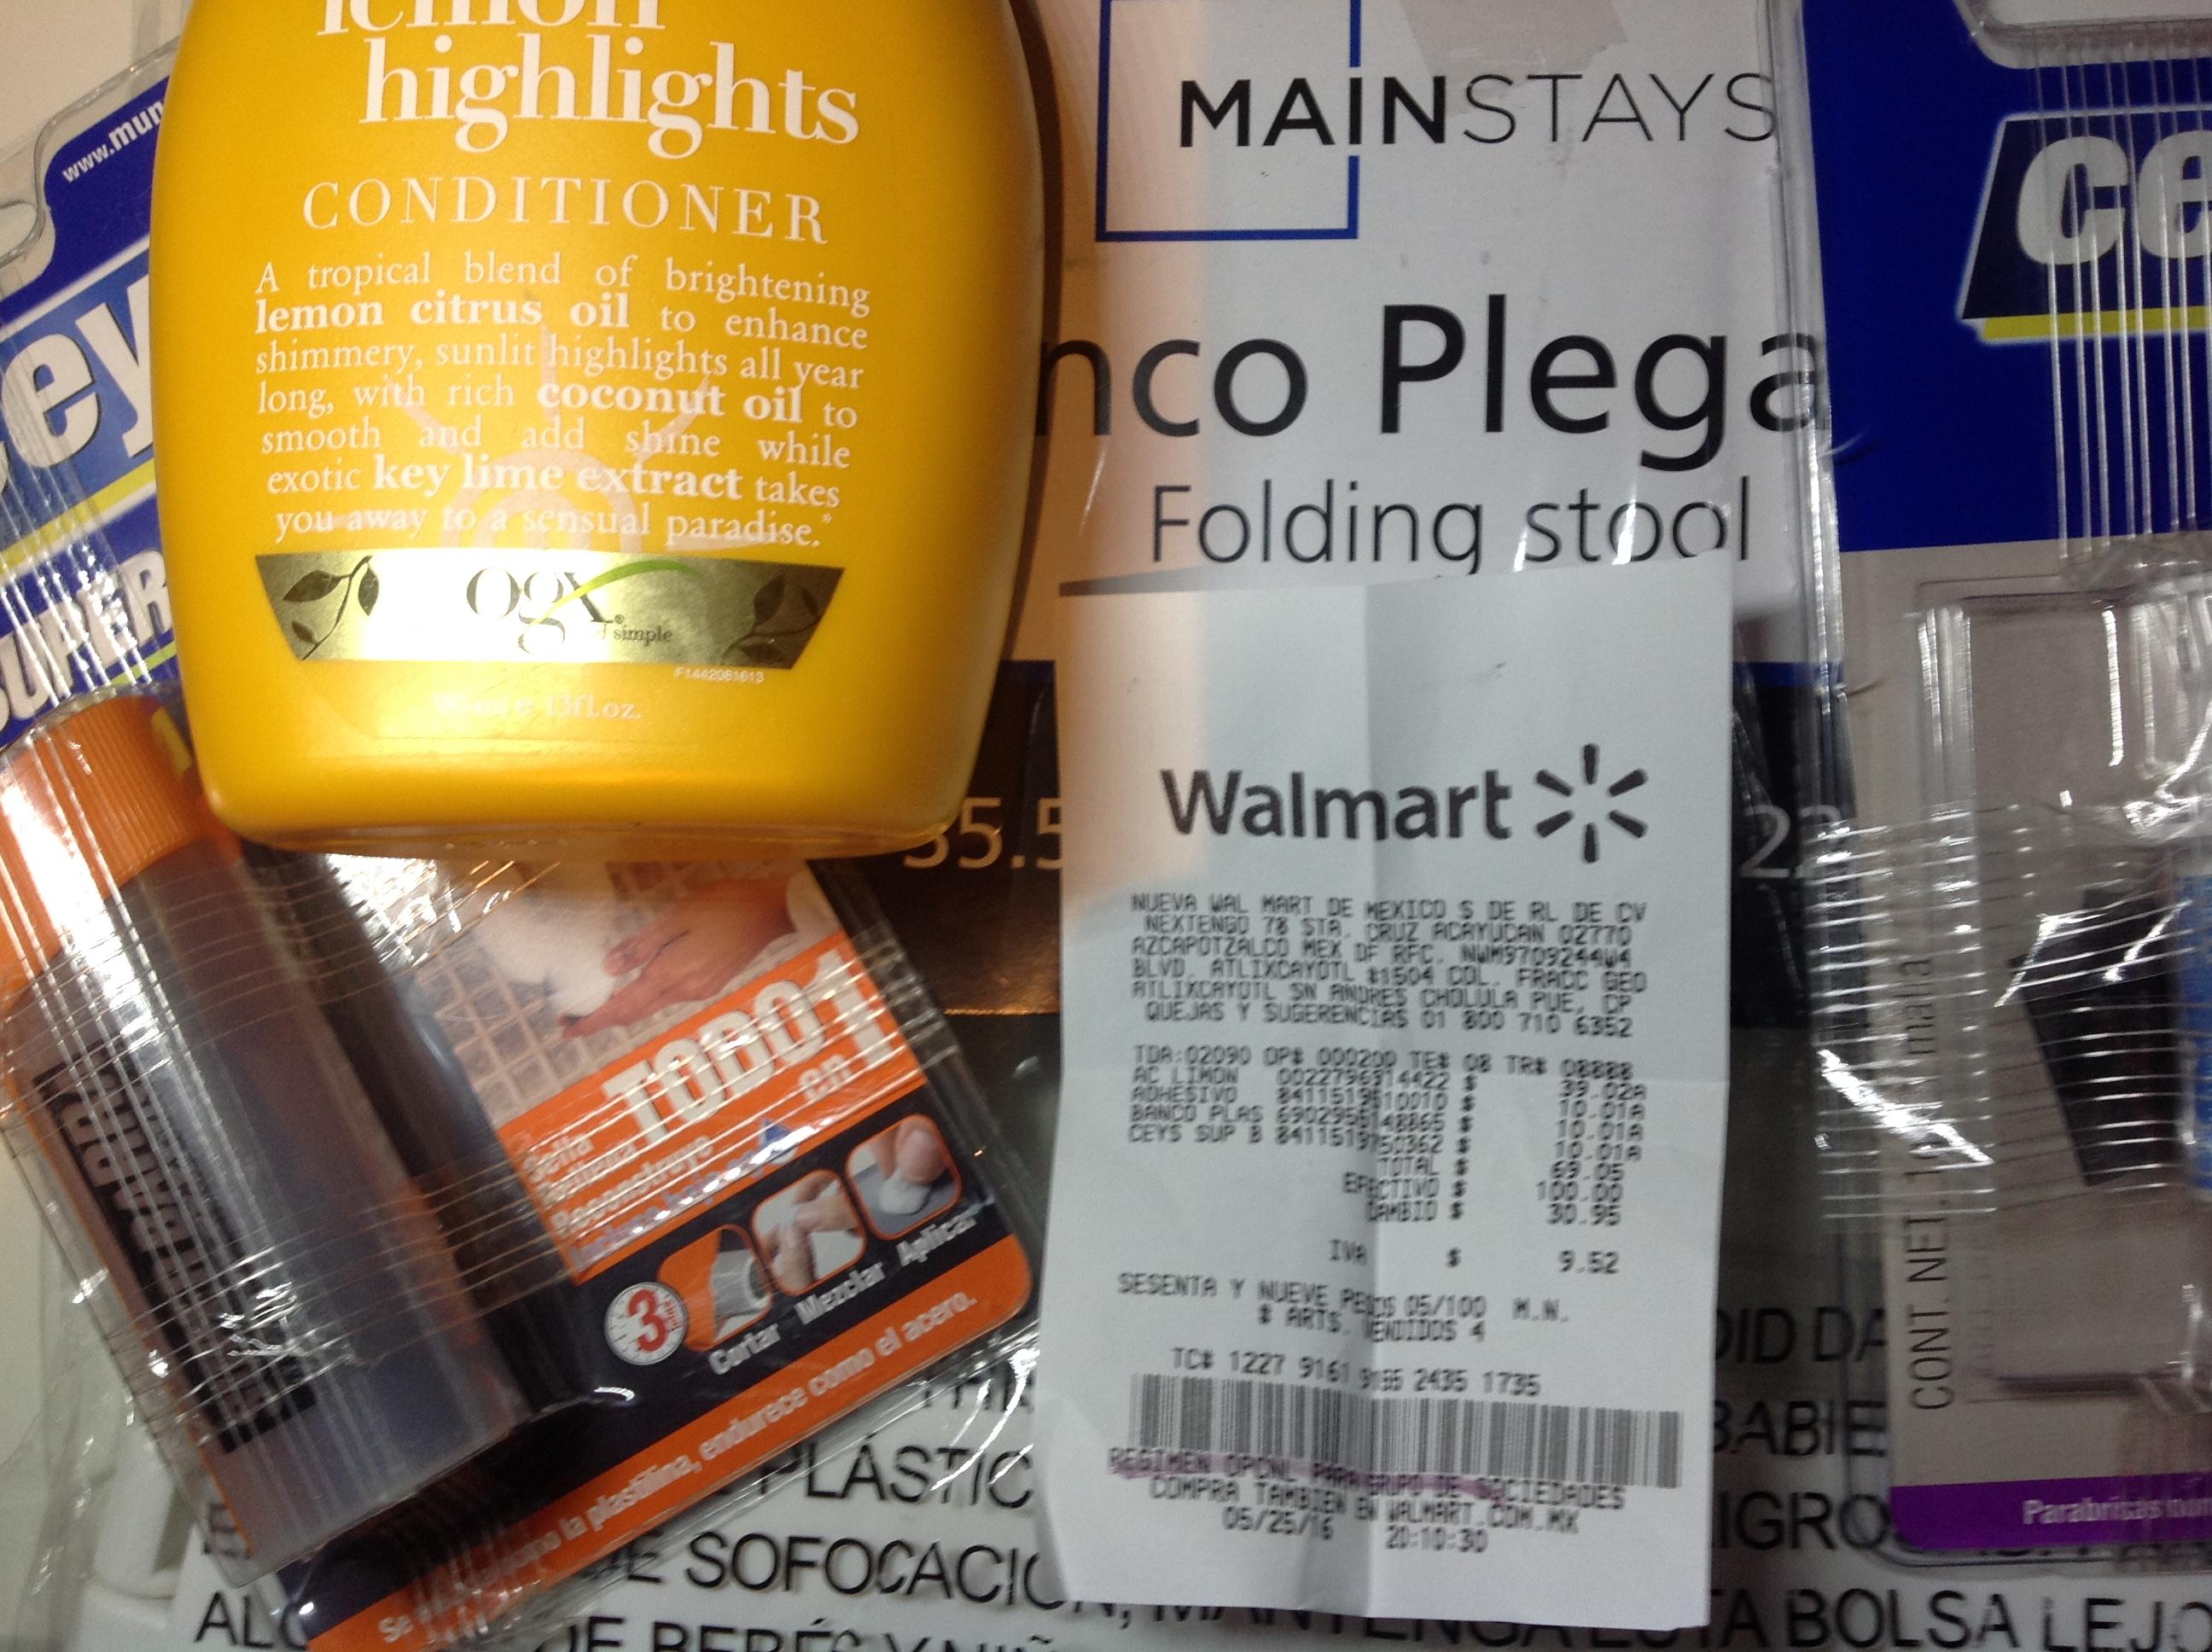 Walmart Boulevard Atlixcayotl: Banco plegable, Acondicionador OGX y mas